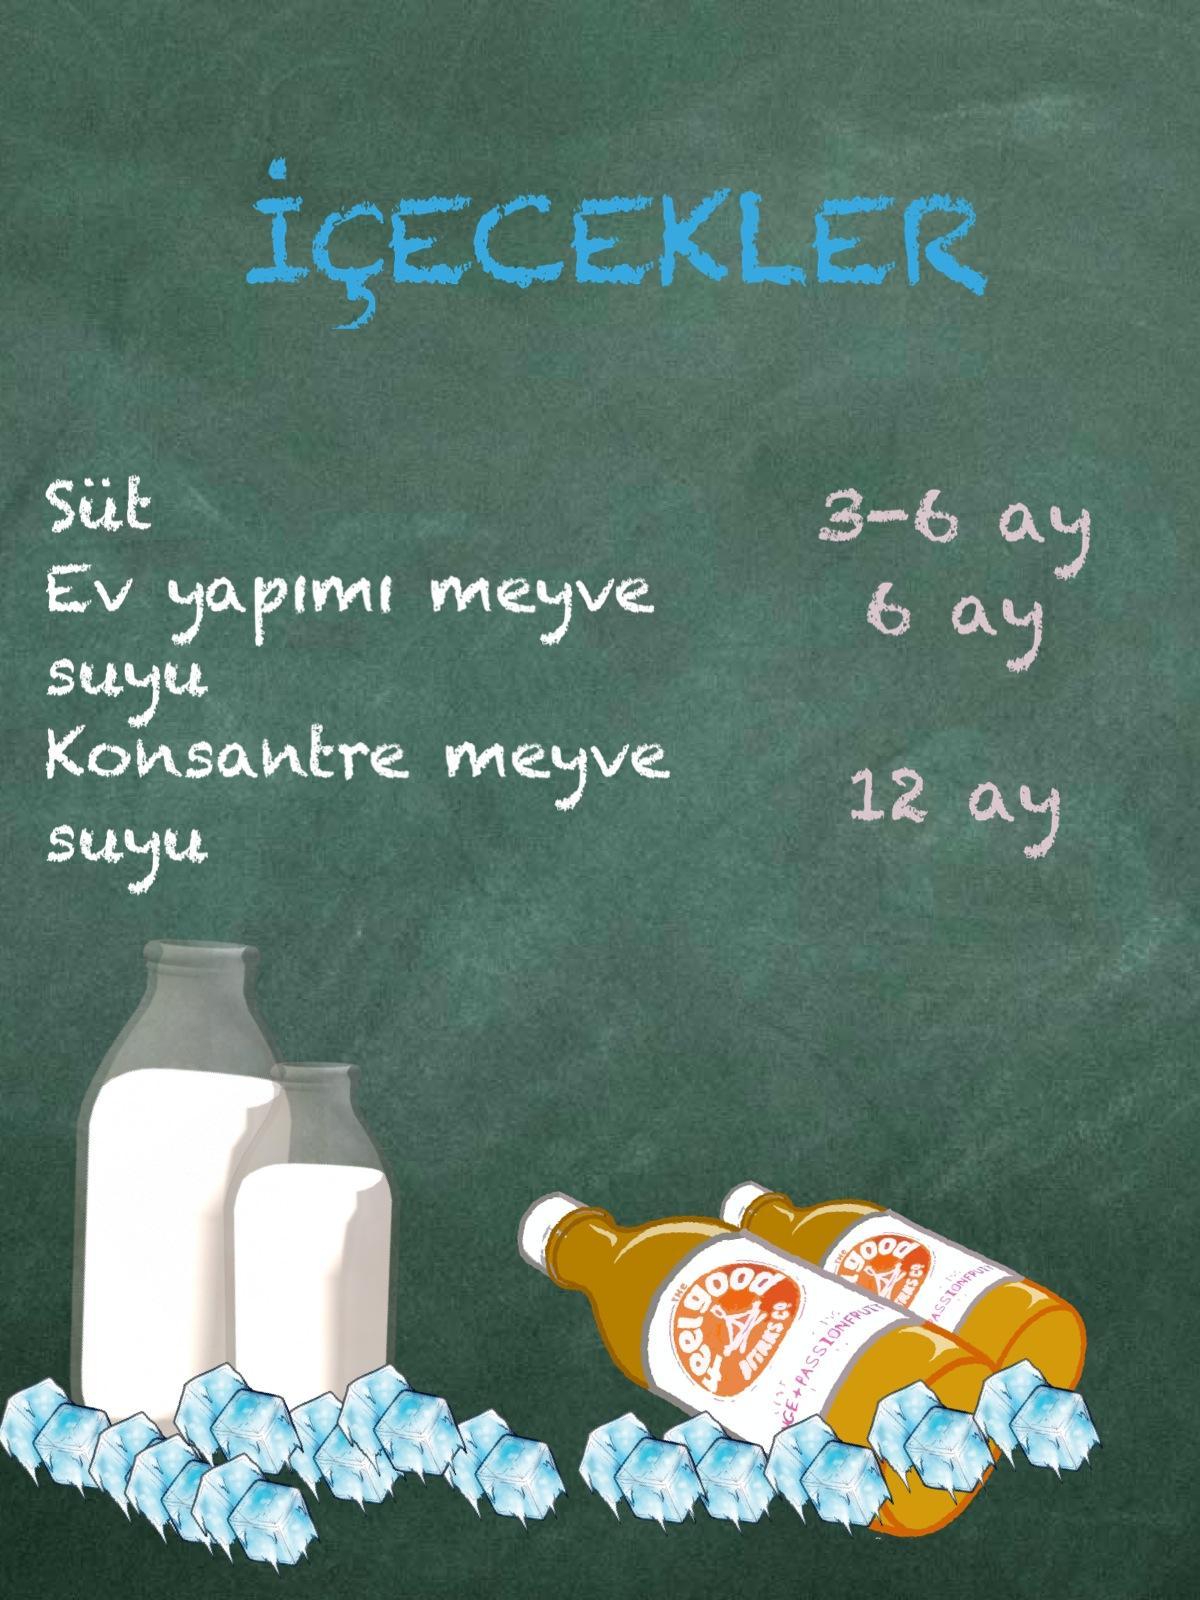 Aklınıza Gelebilecek Hemen Her Tür Gıdanın Bozulmadan Buzlukta Muhafaza Edilebileceği Maksimum Süreler 36